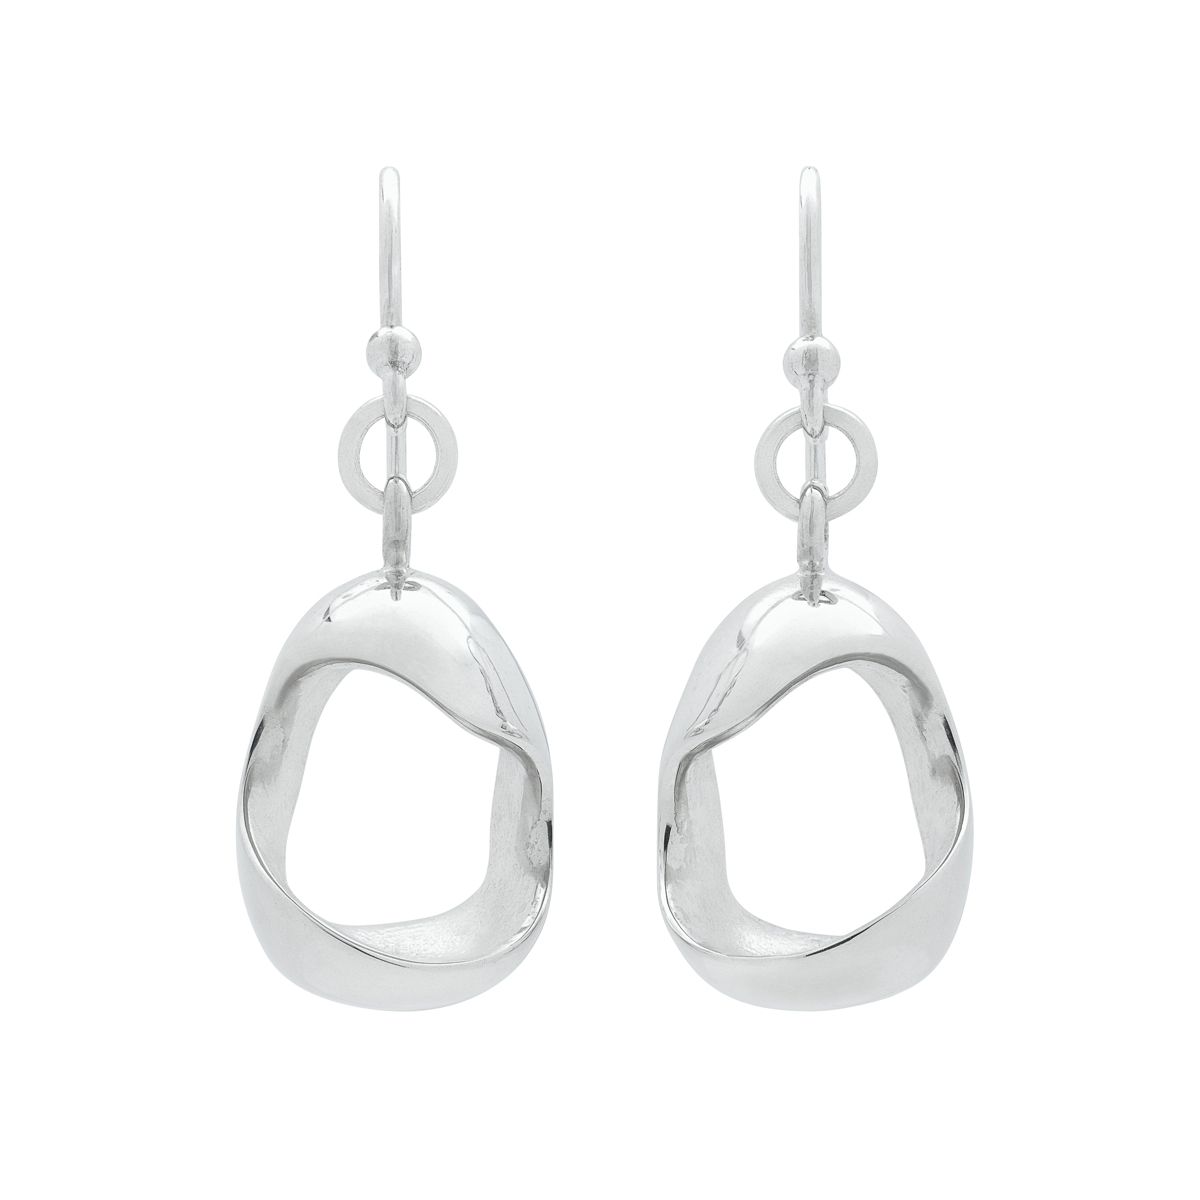 Cradle Earrings